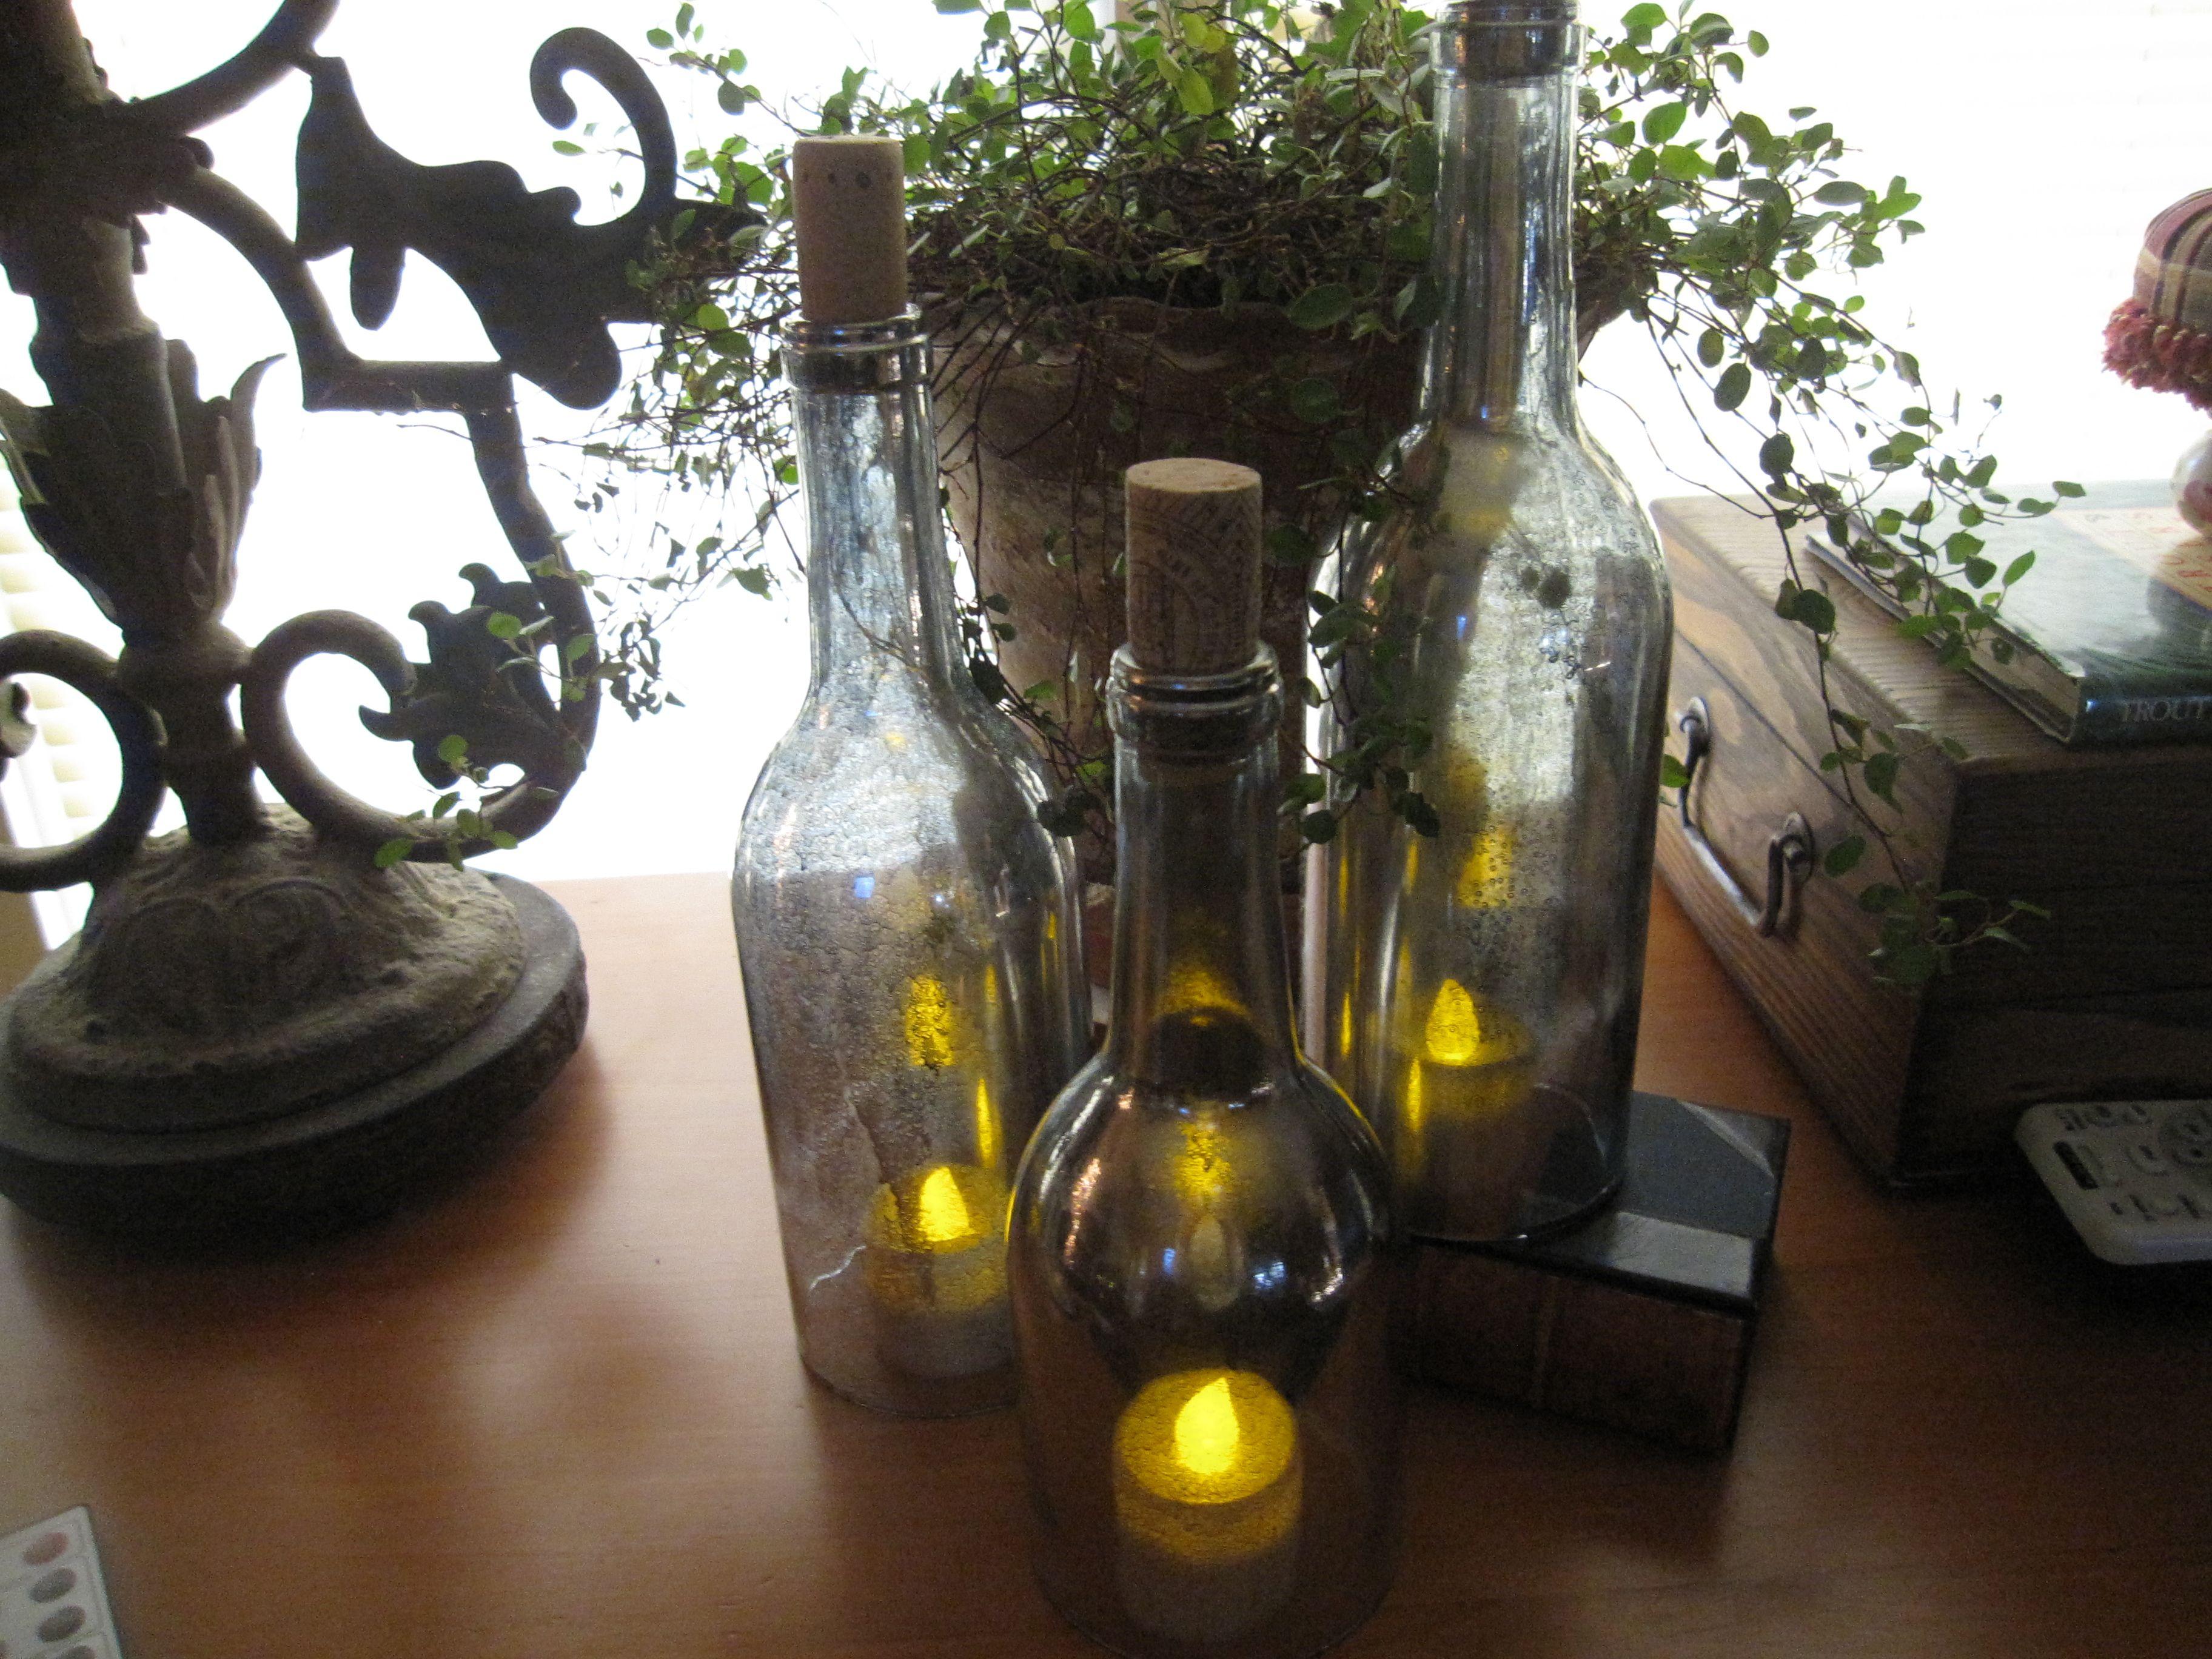 Bottle Cutter Projects Diy Wine Bottle Candles Wine Bottle Diy